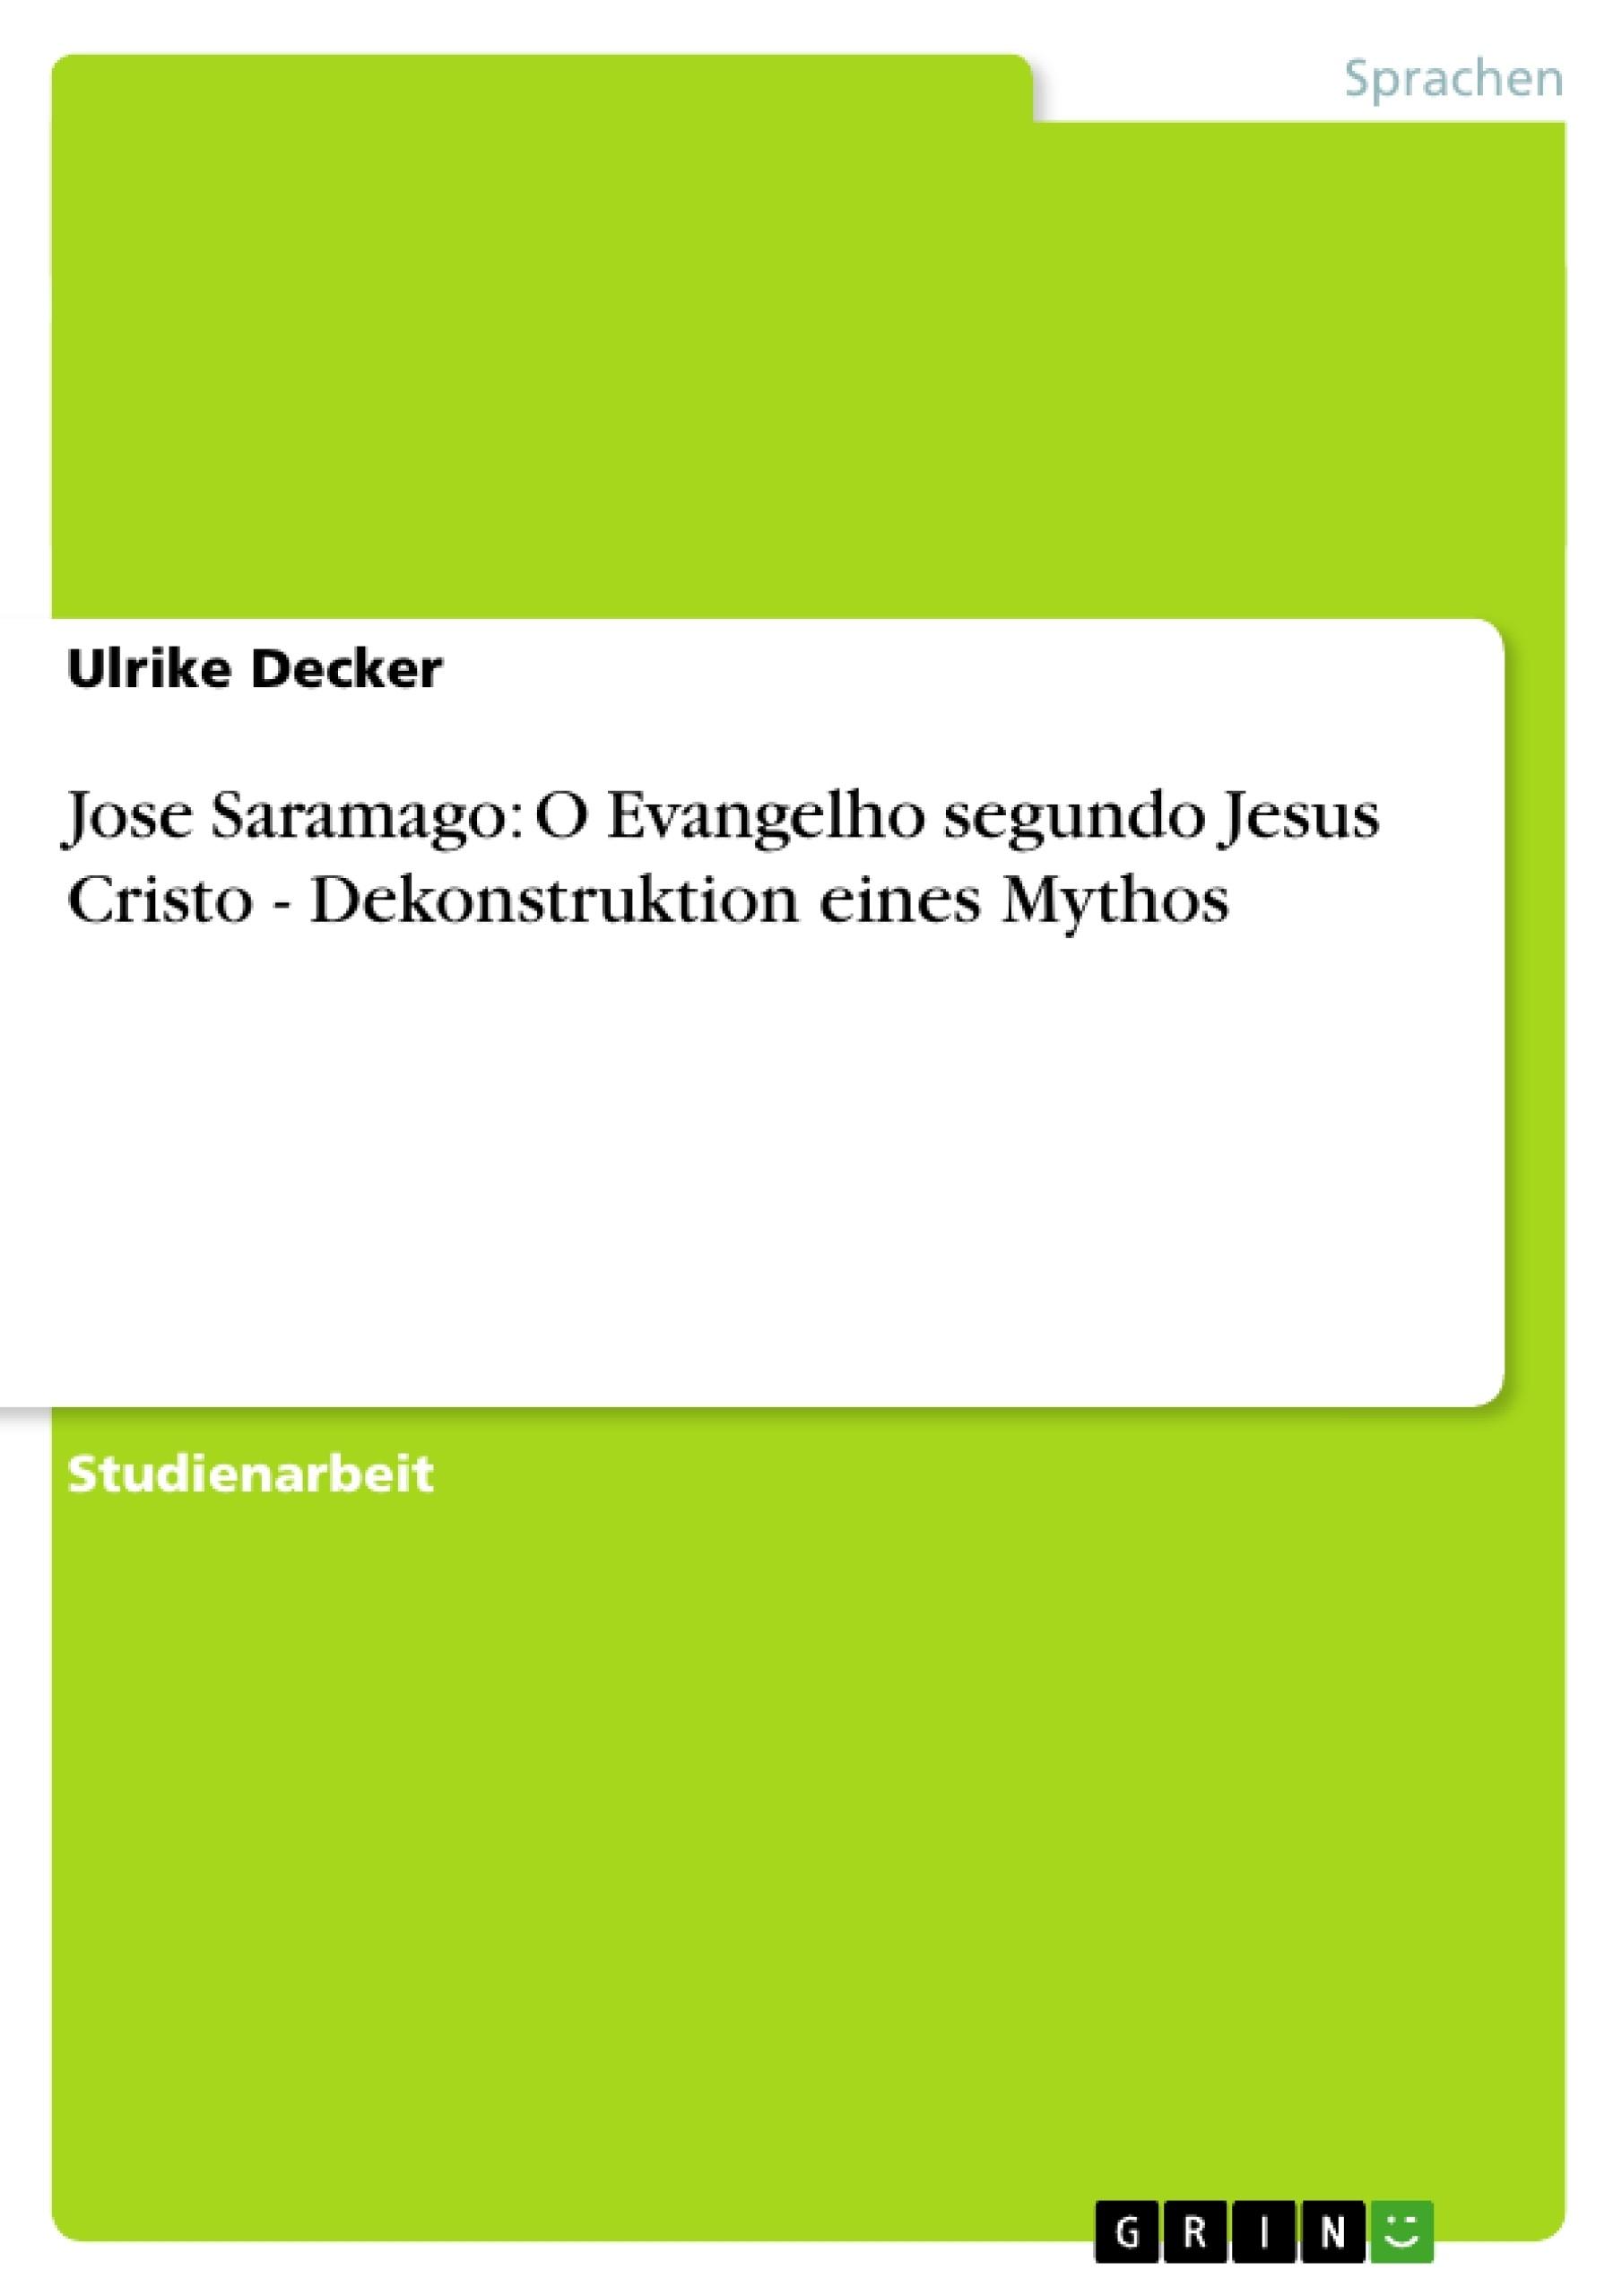 Titel: Jose Saramago: O Evangelho segundo Jesus Cristo - Dekonstruktion eines Mythos